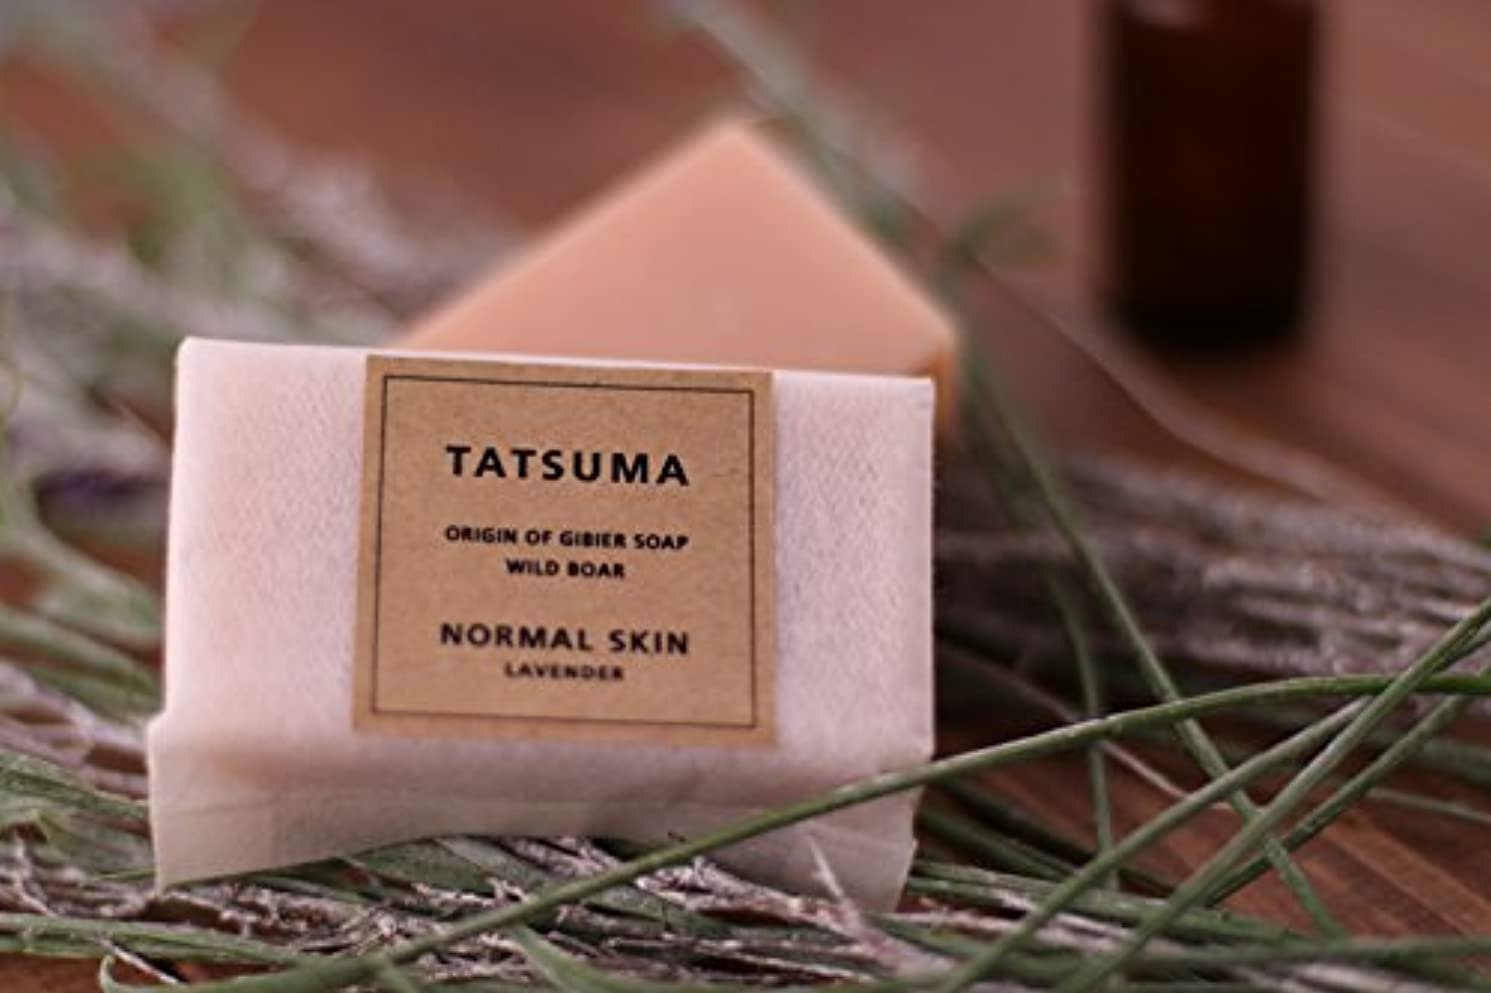 改善する遅らせるインドたつま石鹸21(化粧石鹸) 非加熱製法 | TATSUMA NORMAL SKIN LAVENDER